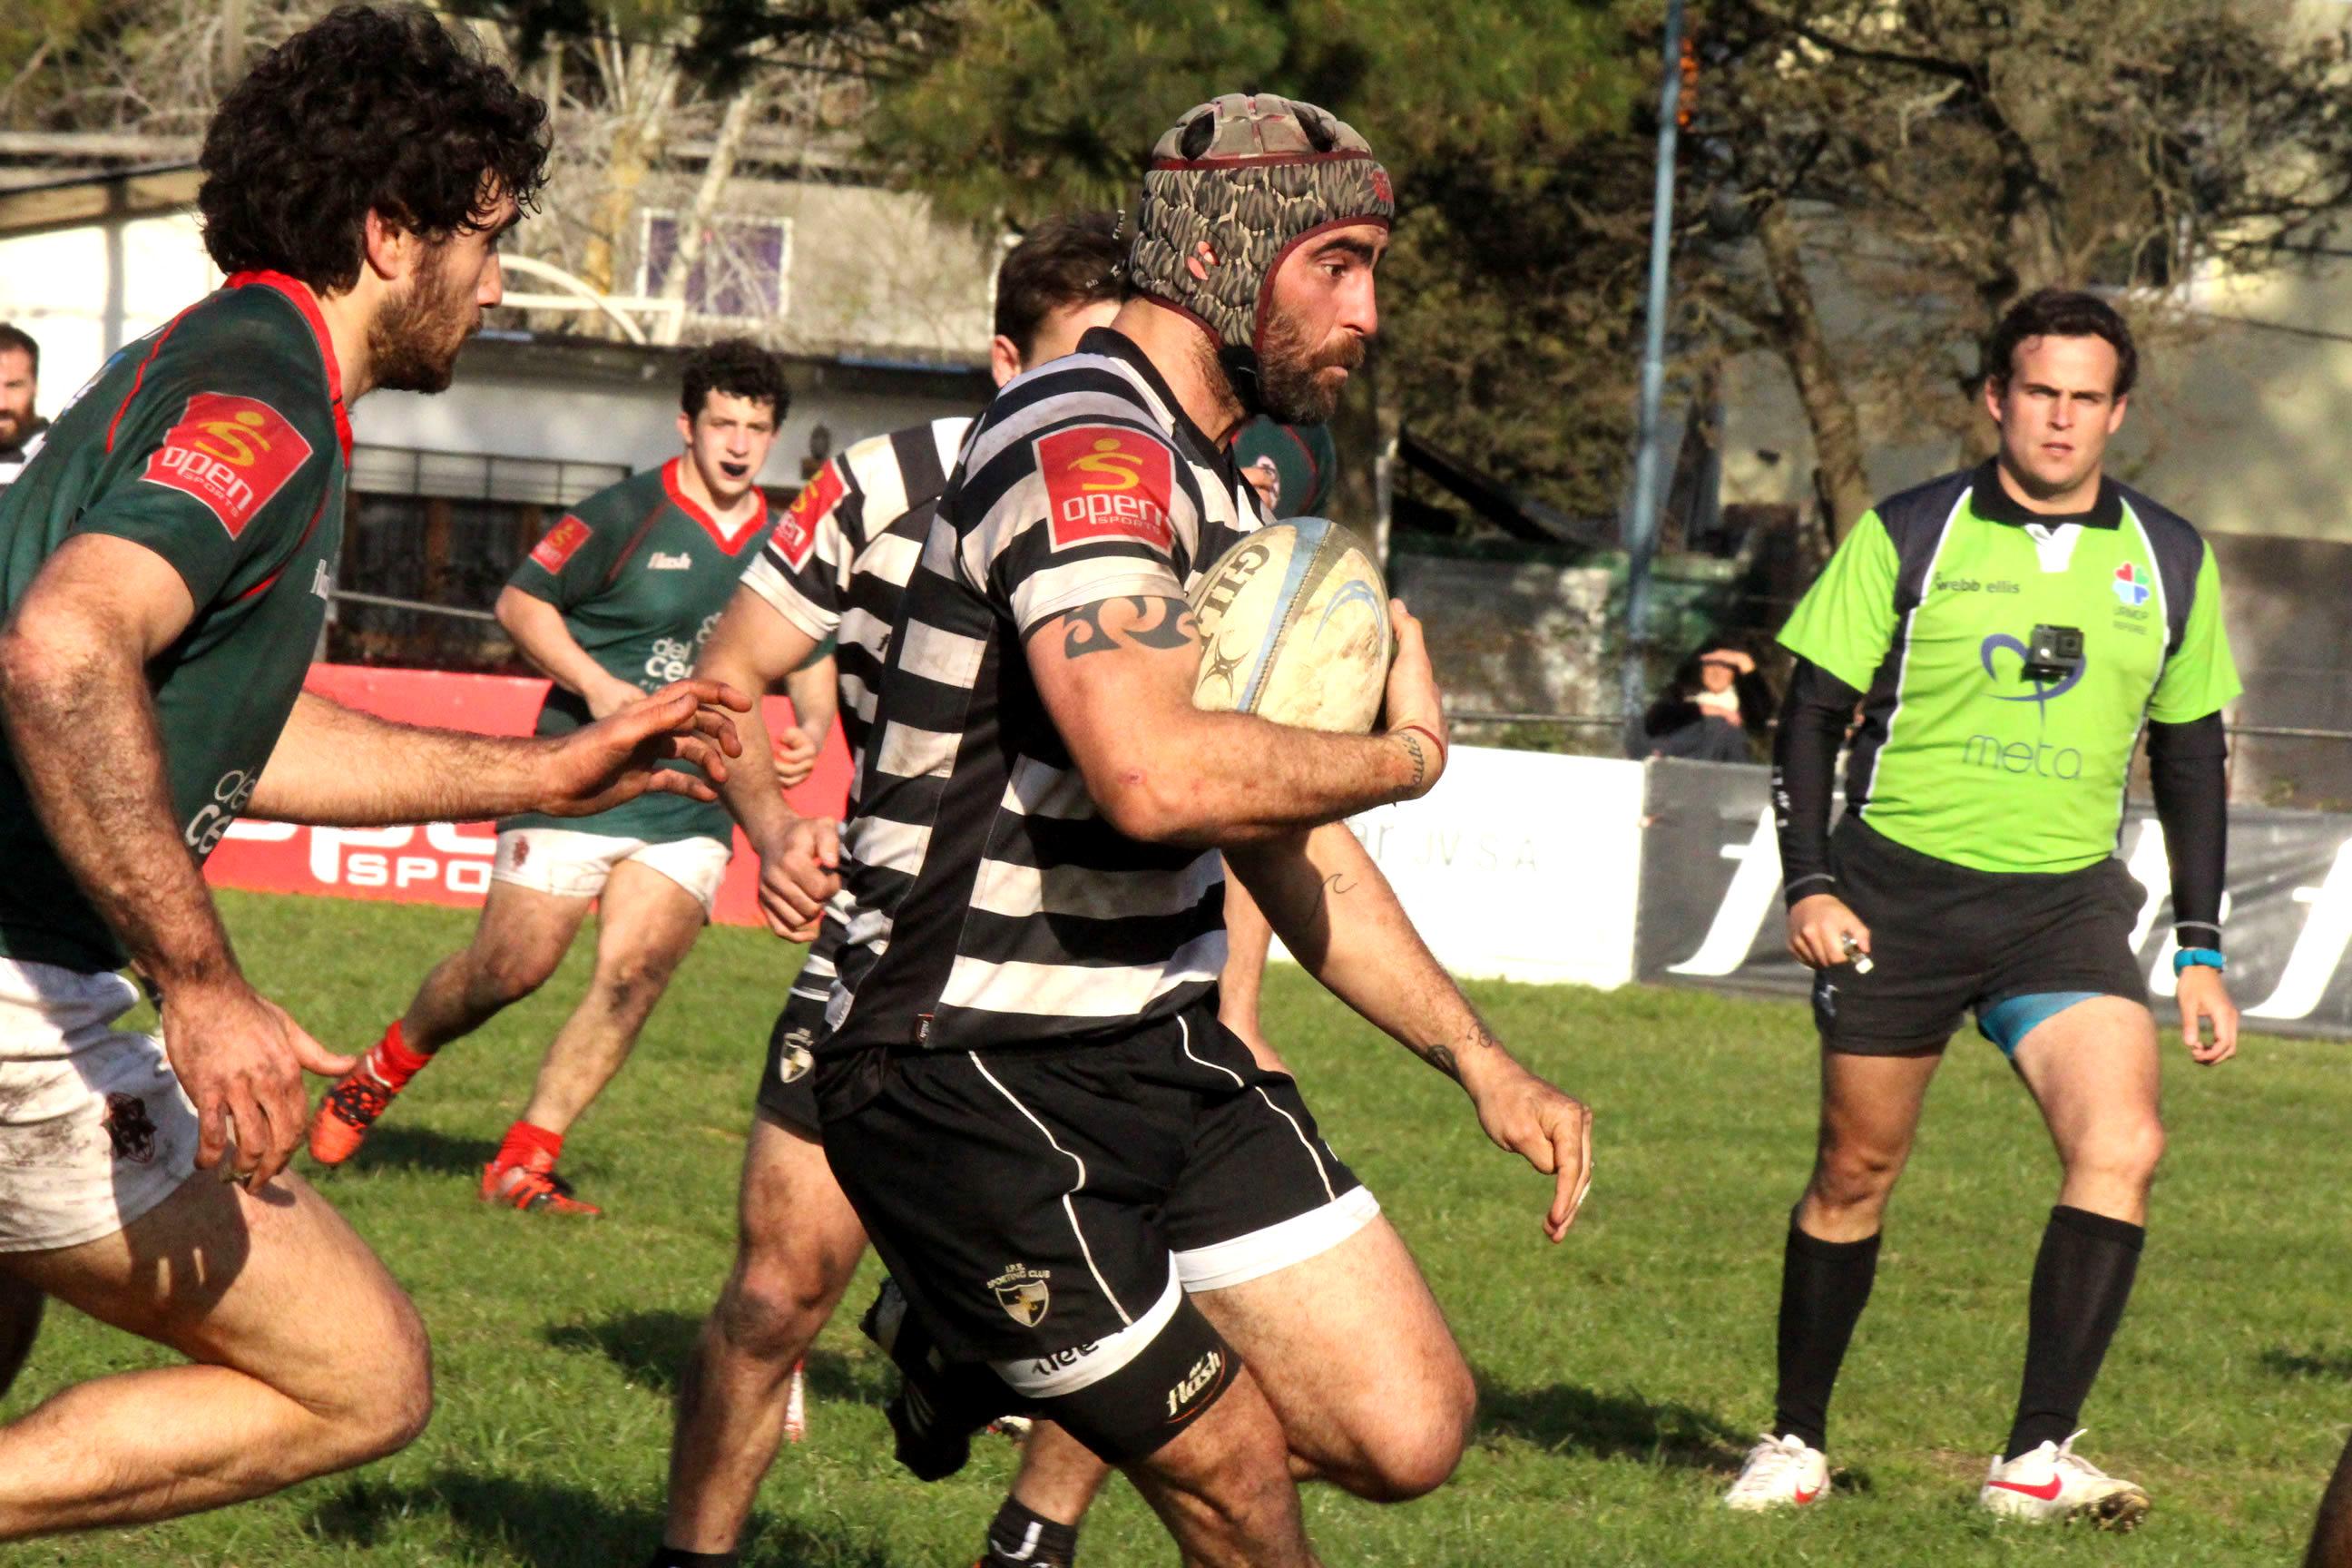 Martín Aceña con la pelota en sus manos. (Foto: Prensa URMDP)